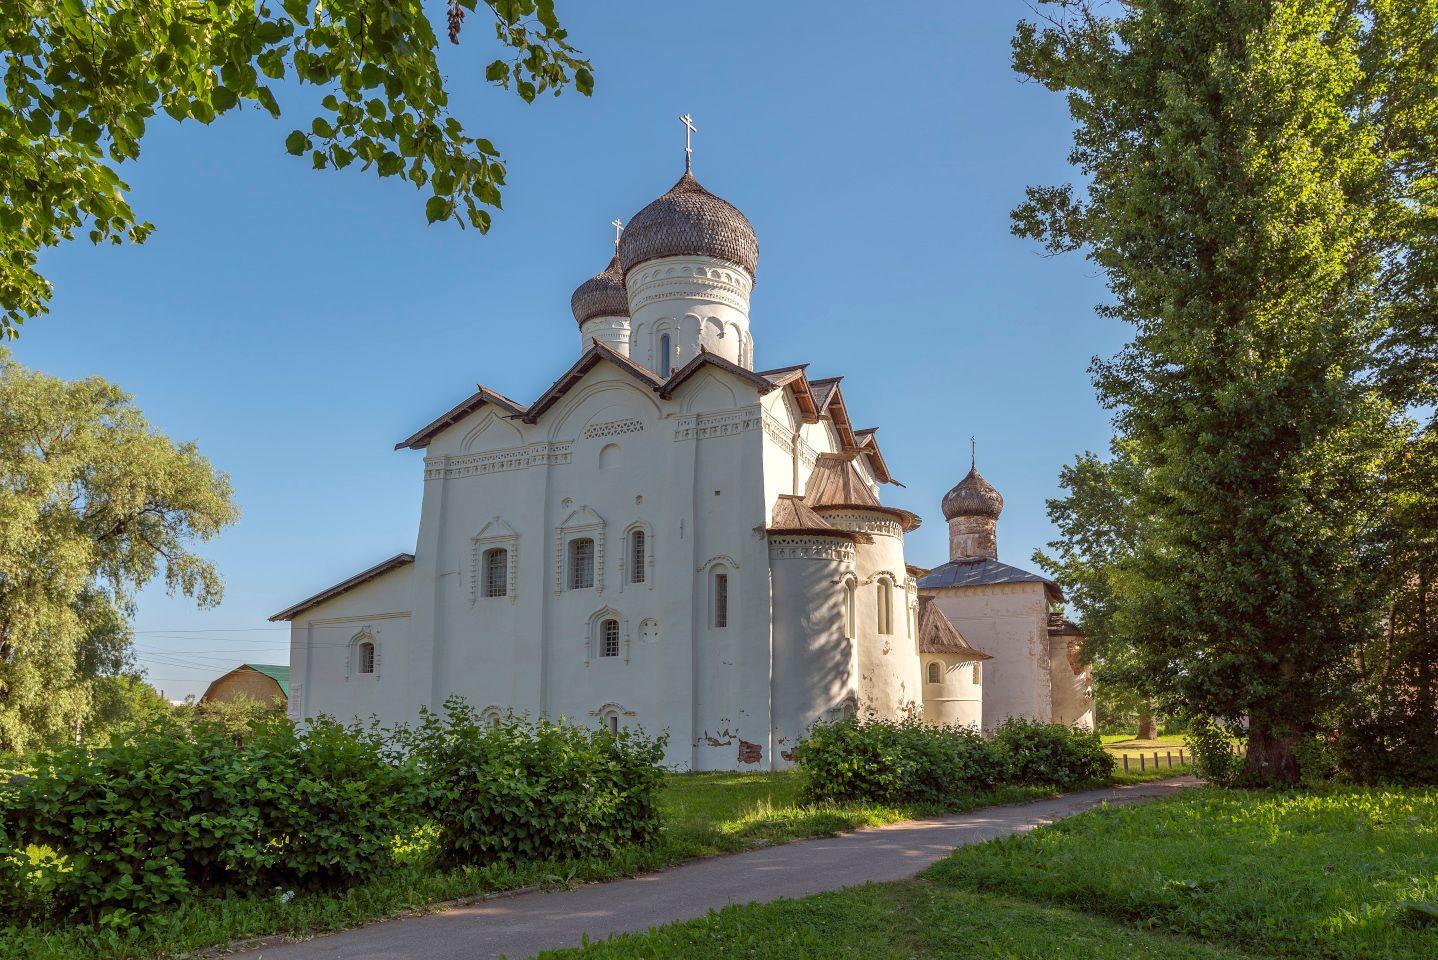 Спасо-Преображенский монастырь основан в 1192 г.